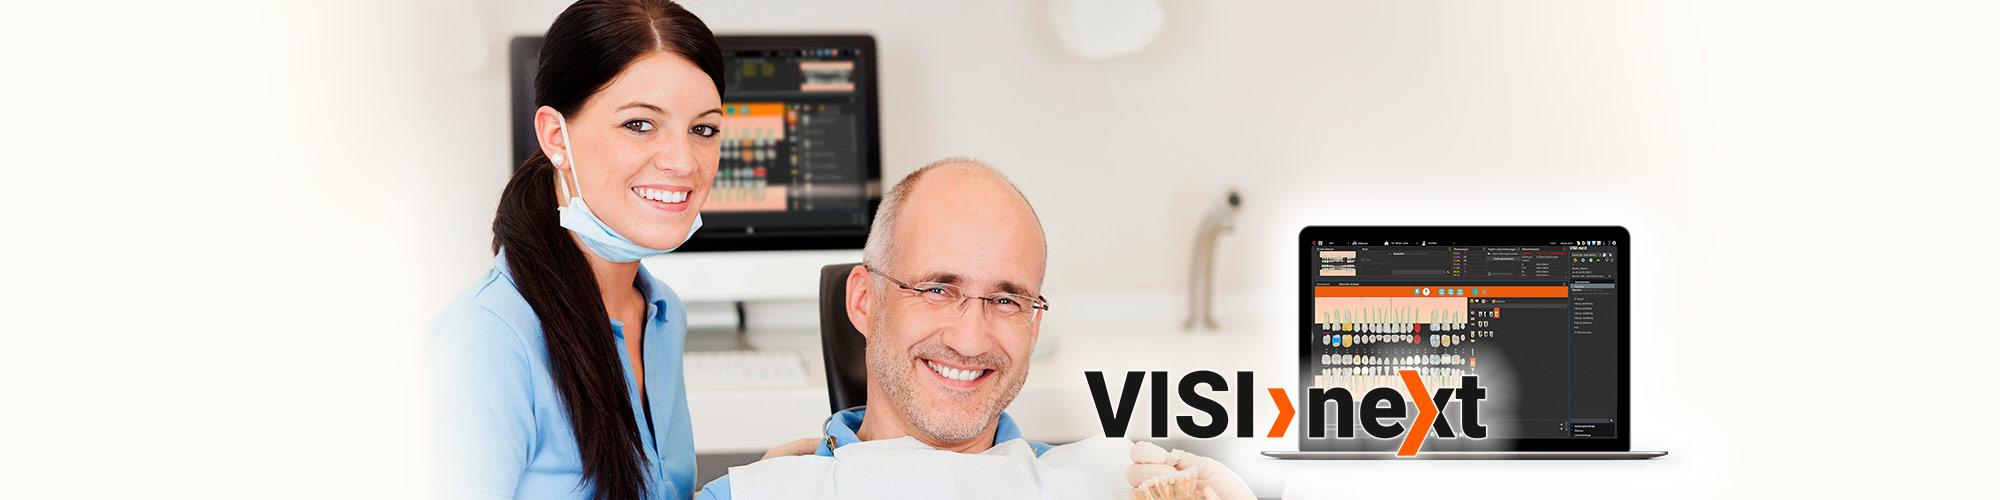 VISInext Zahnschema - BDV Branchen-Daten-Verarbeitung GmbH